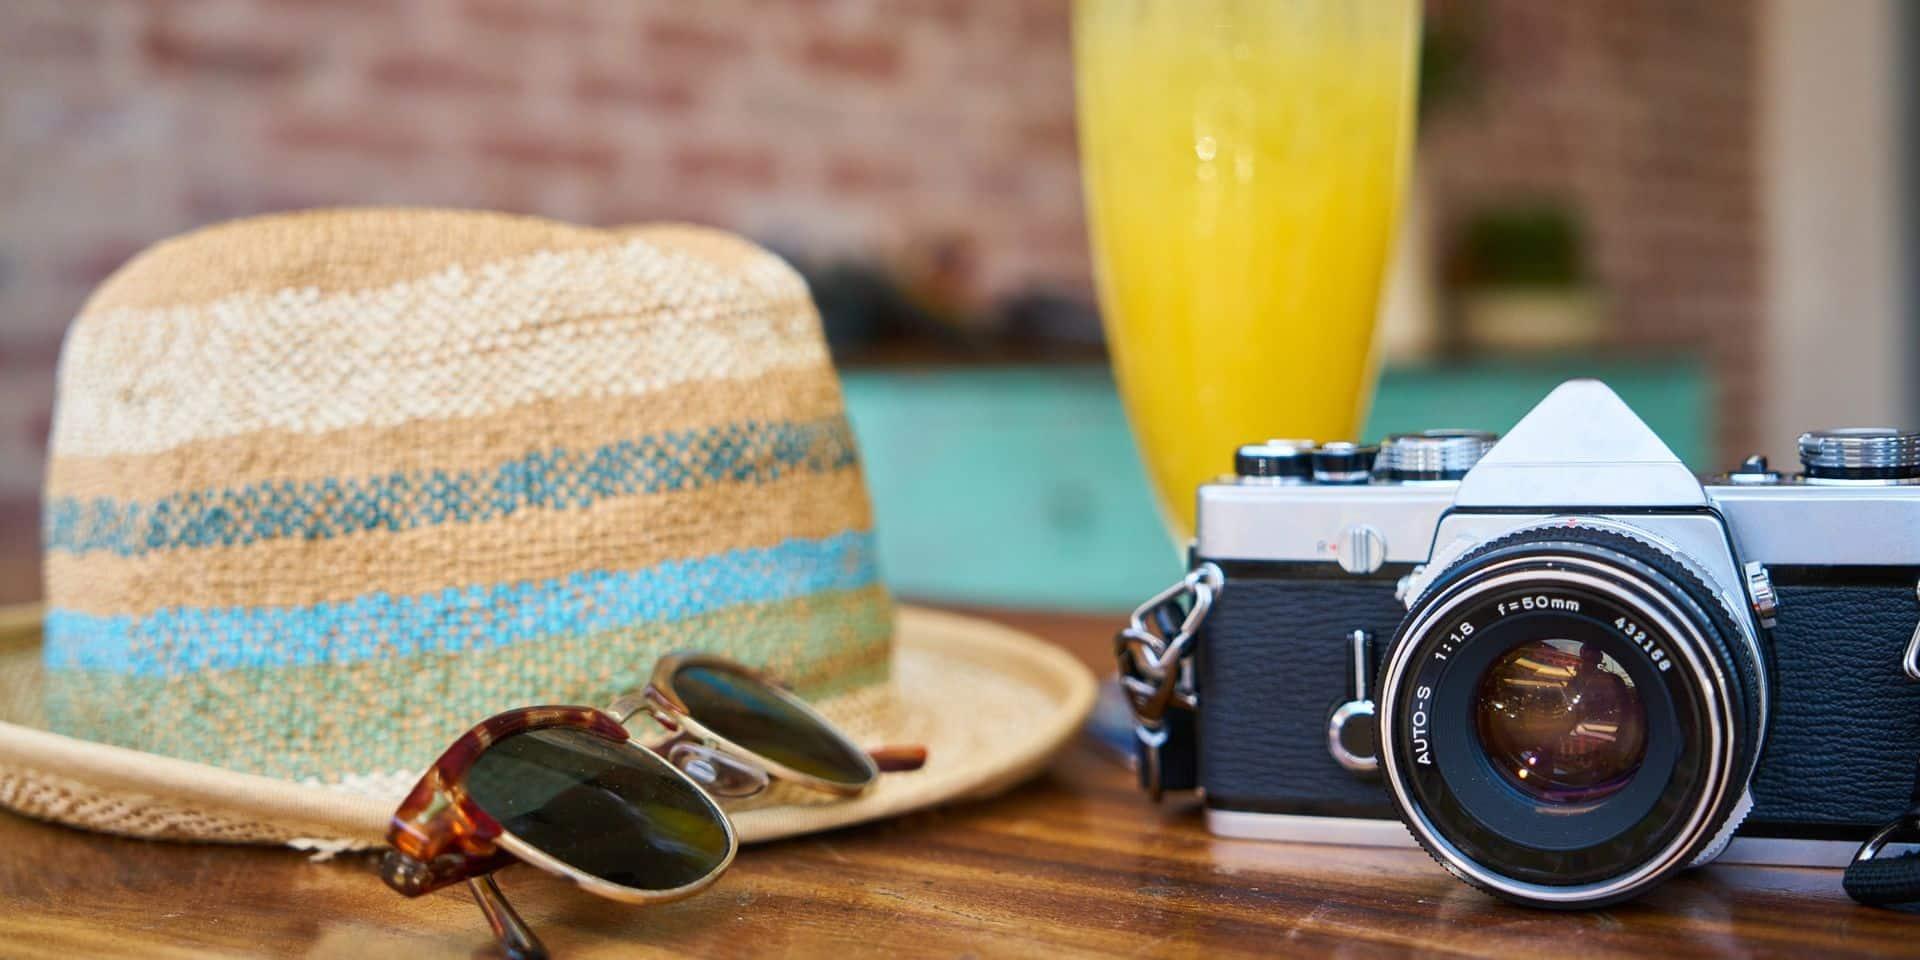 Les 10 astuces pour profiter de l'été en toute sécurité